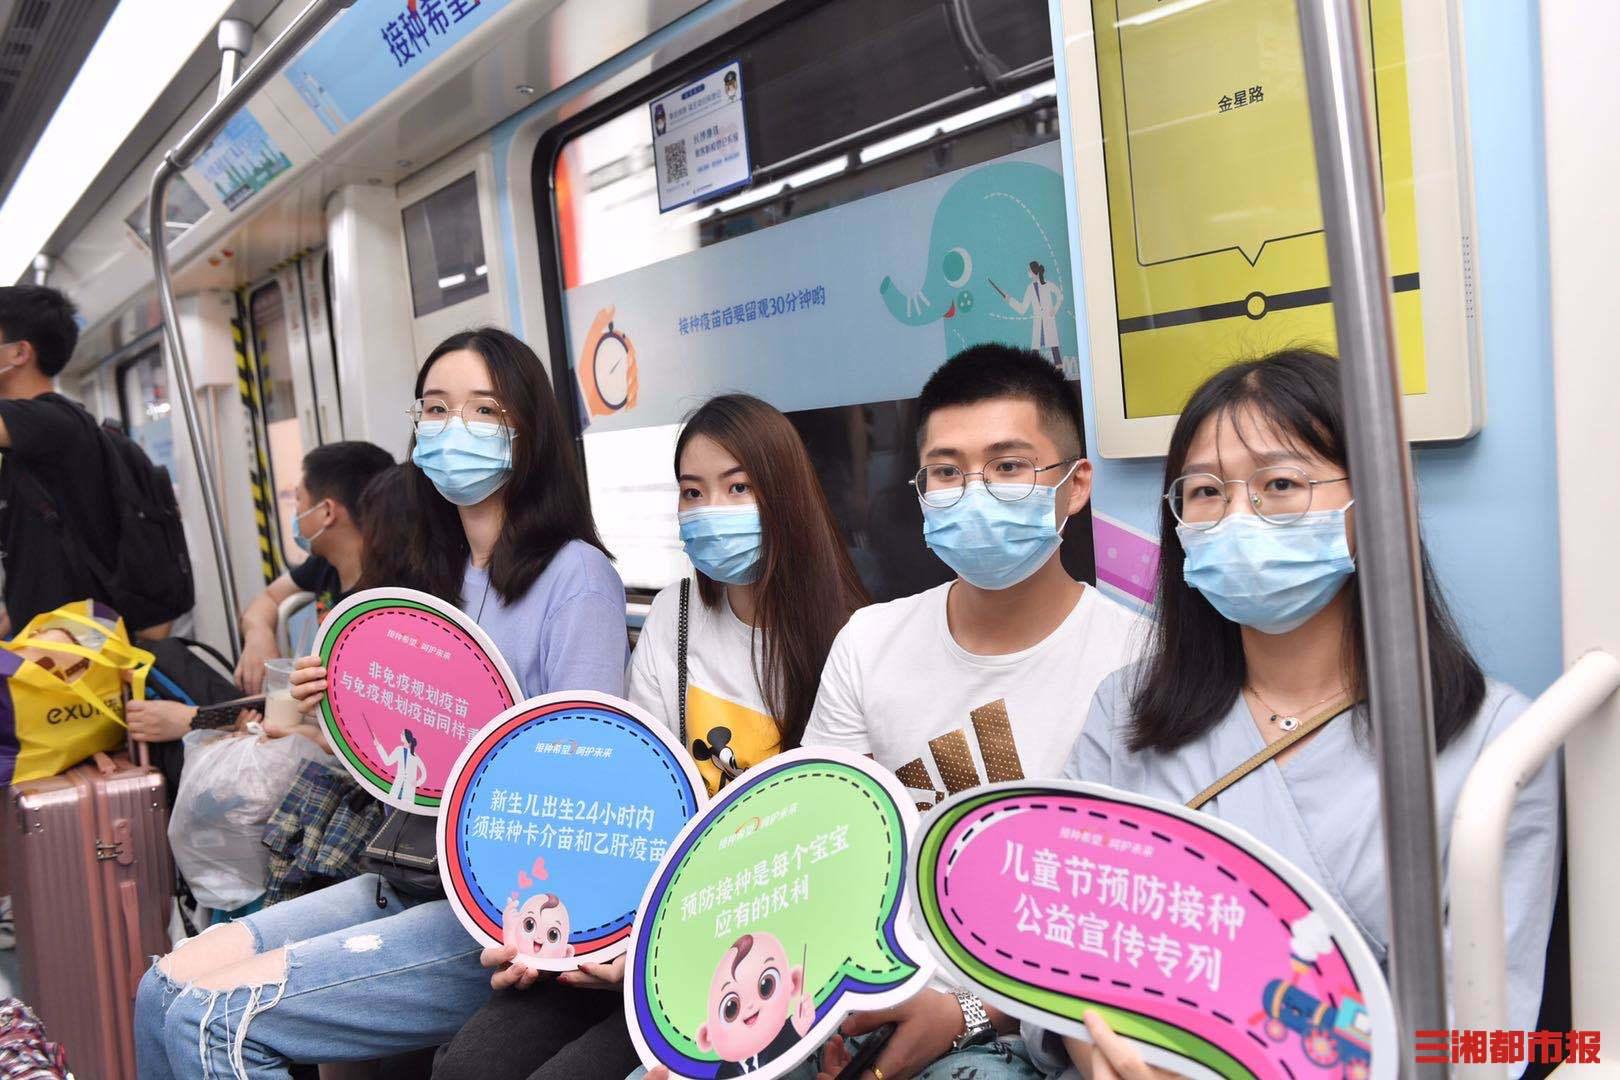 长沙地铁2号线疫苗科普专列今日上线!